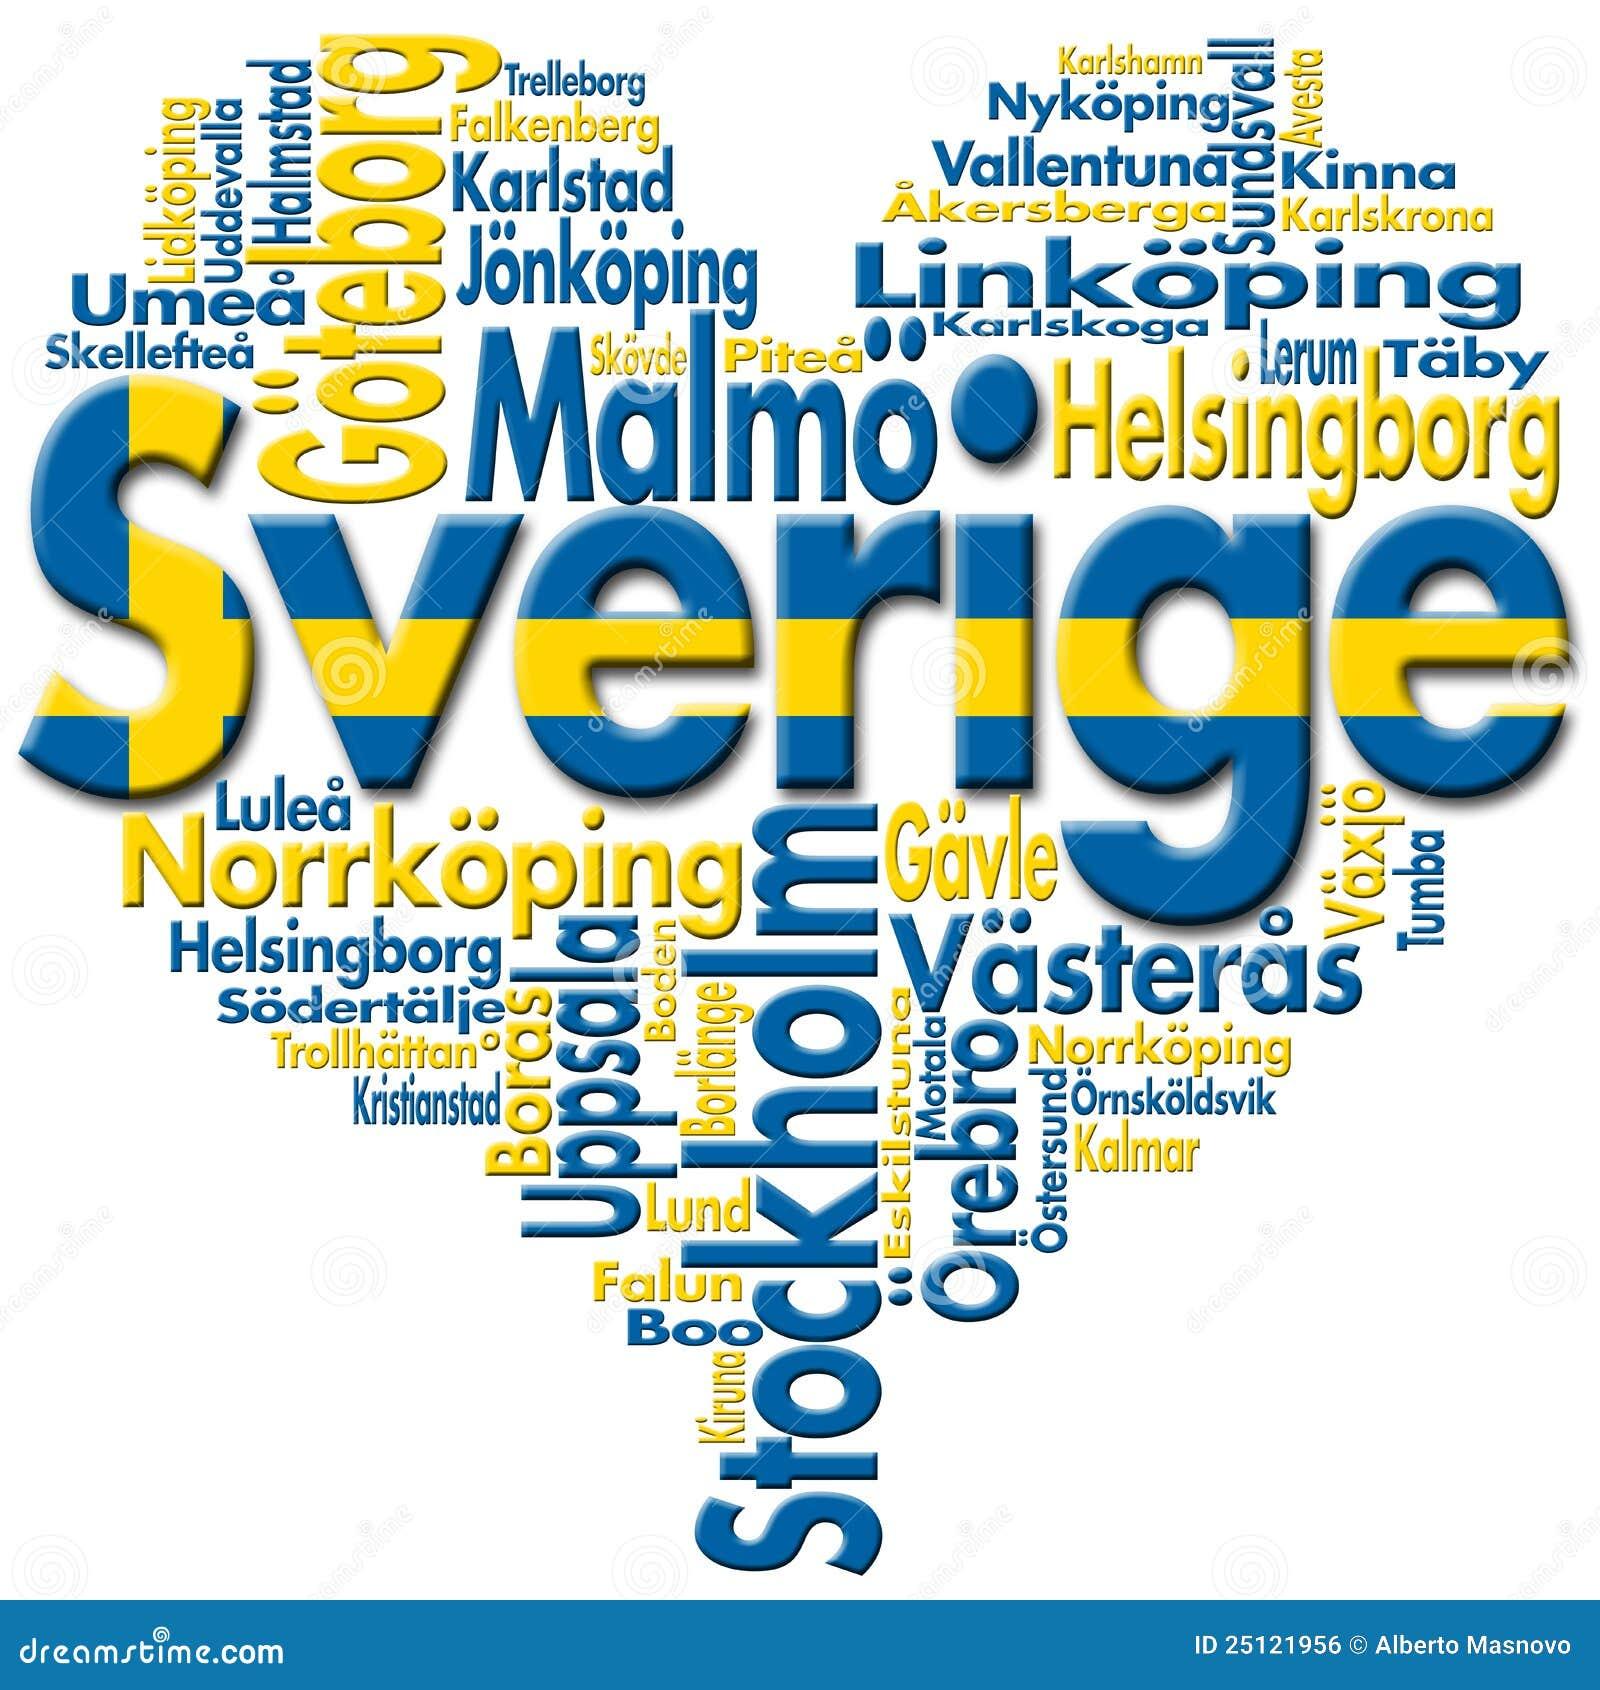 svensk gratis thaimassage i stockholm